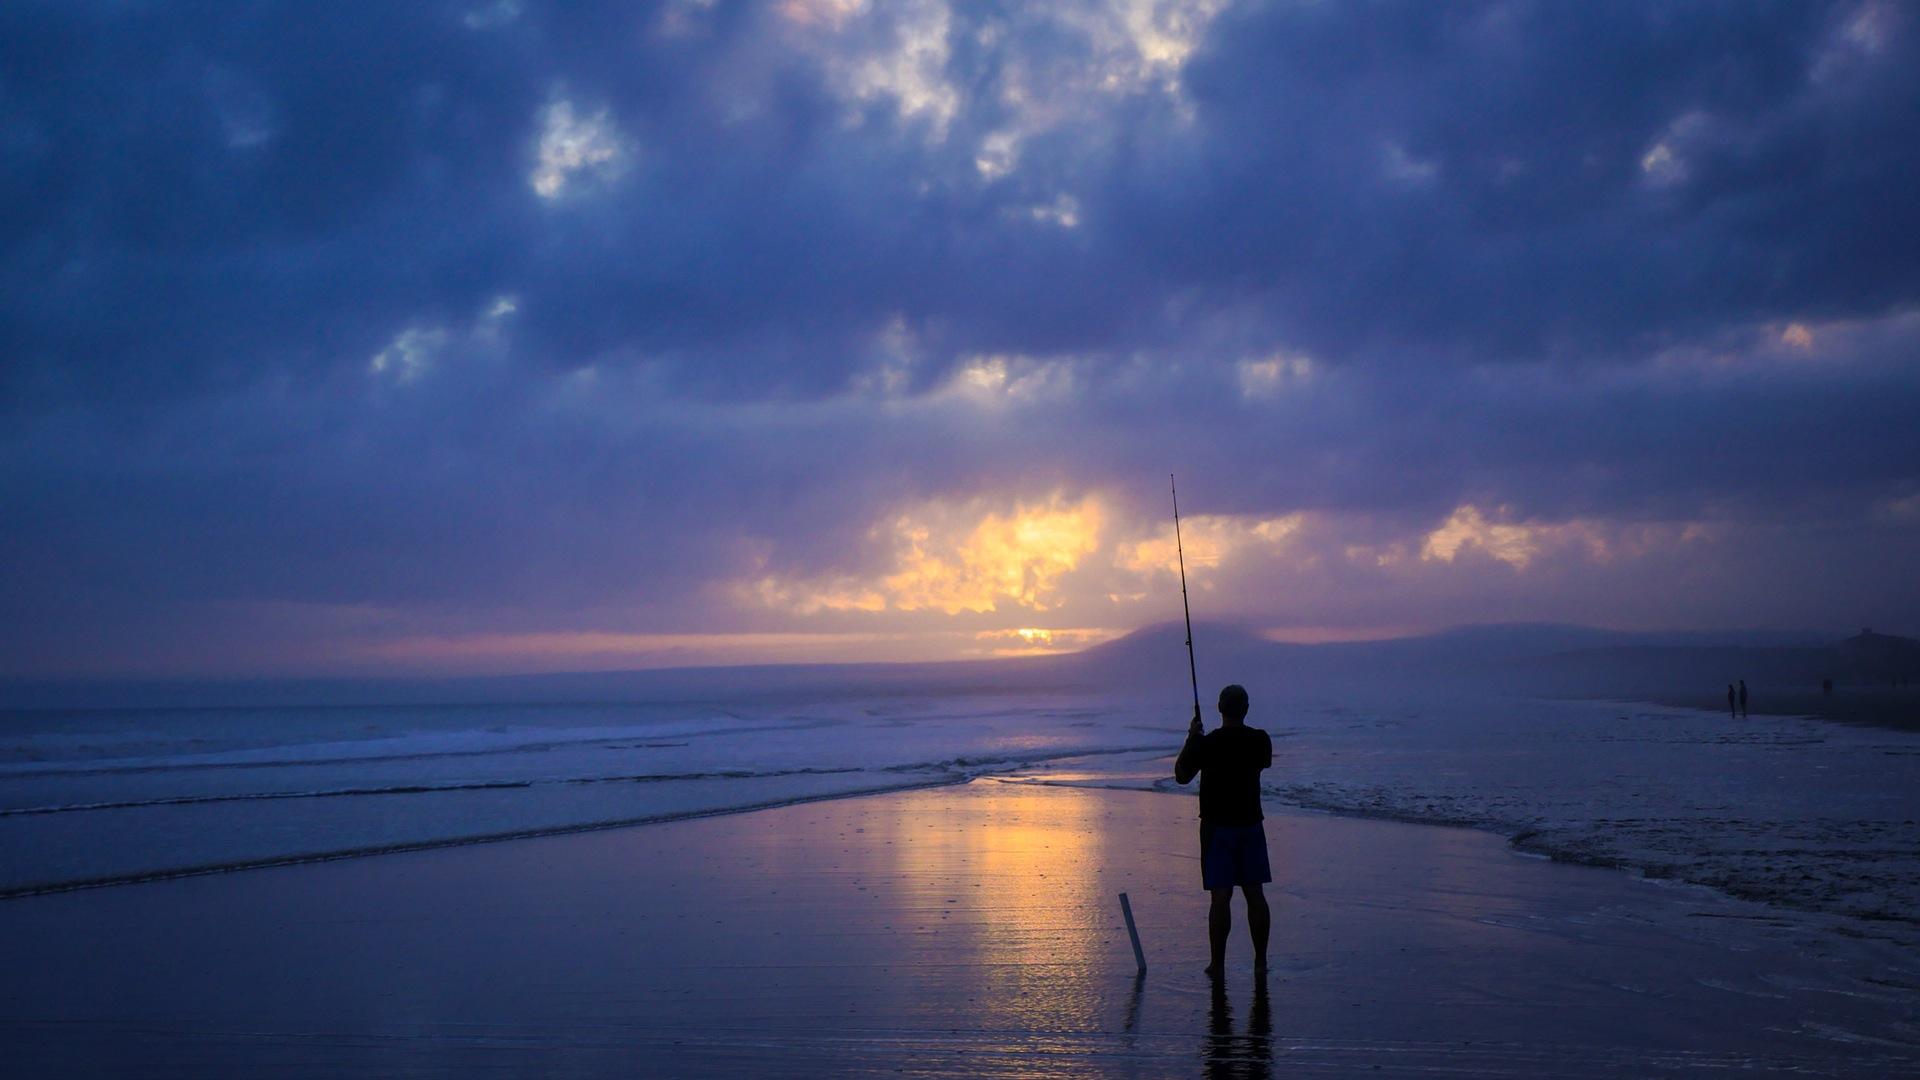 человек, Рыбалка, Море, Небо, облака - Обои HD - Профессор falken.com